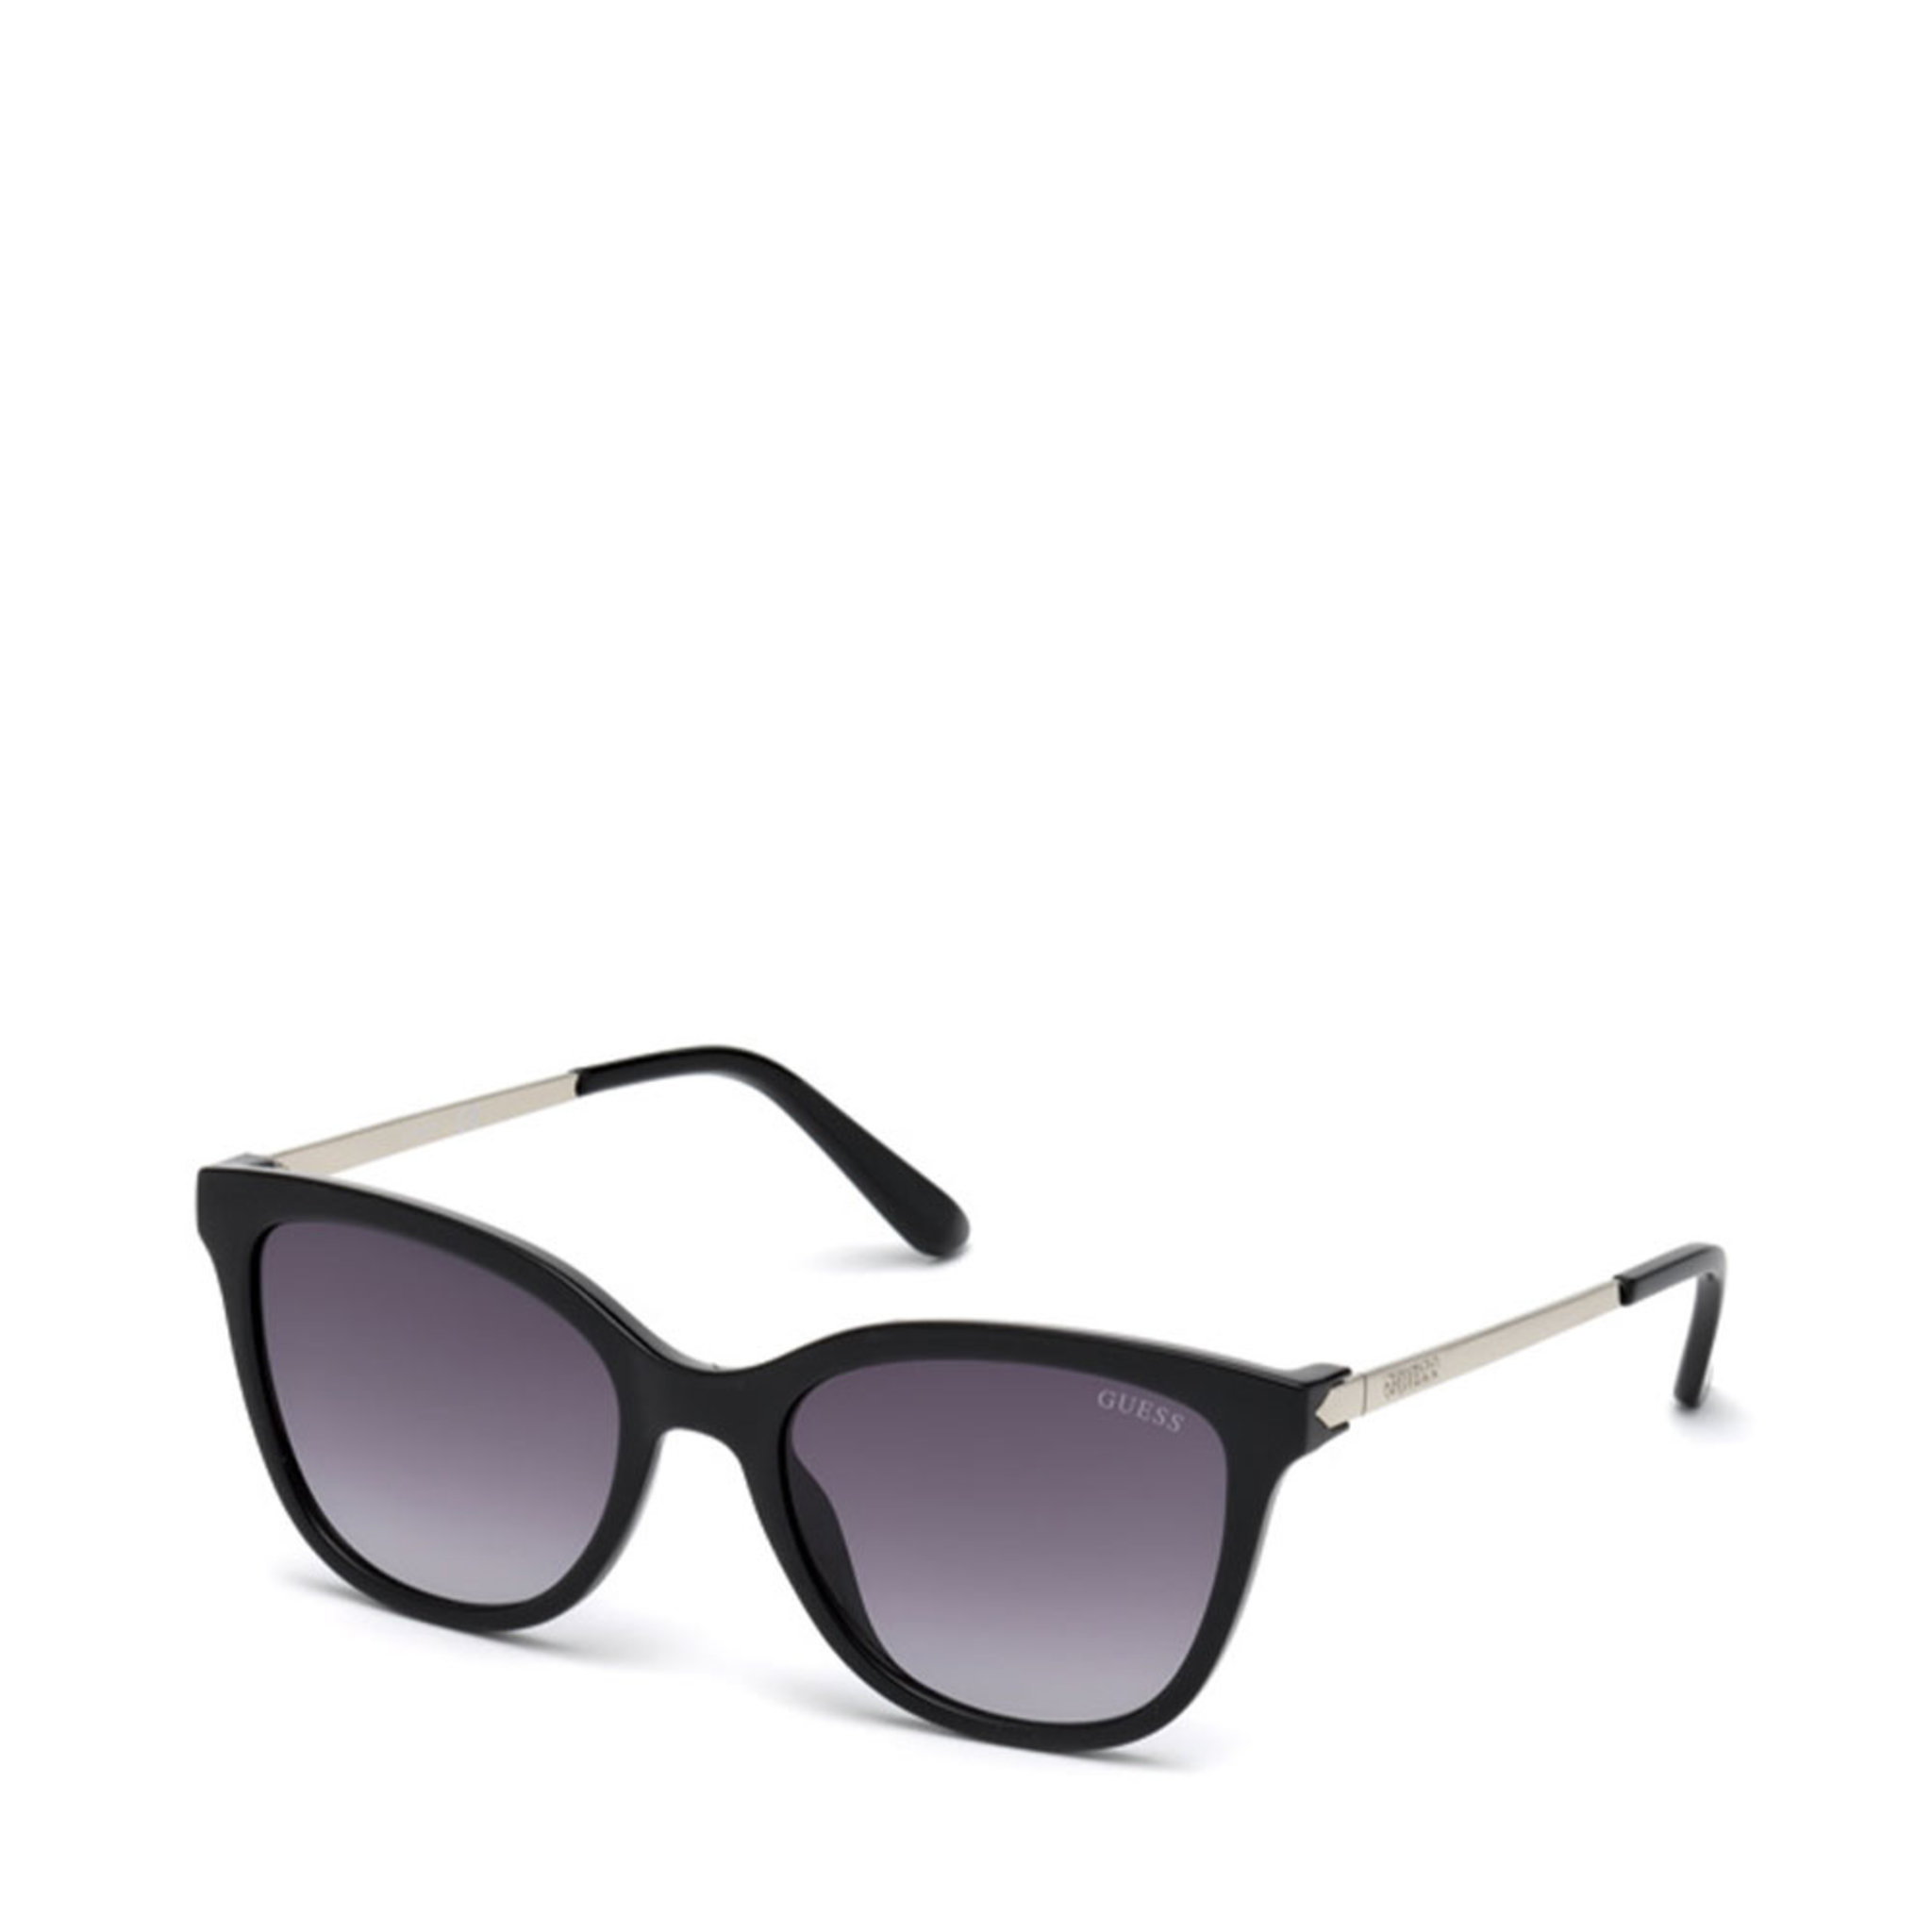 Sunglasses GU7567